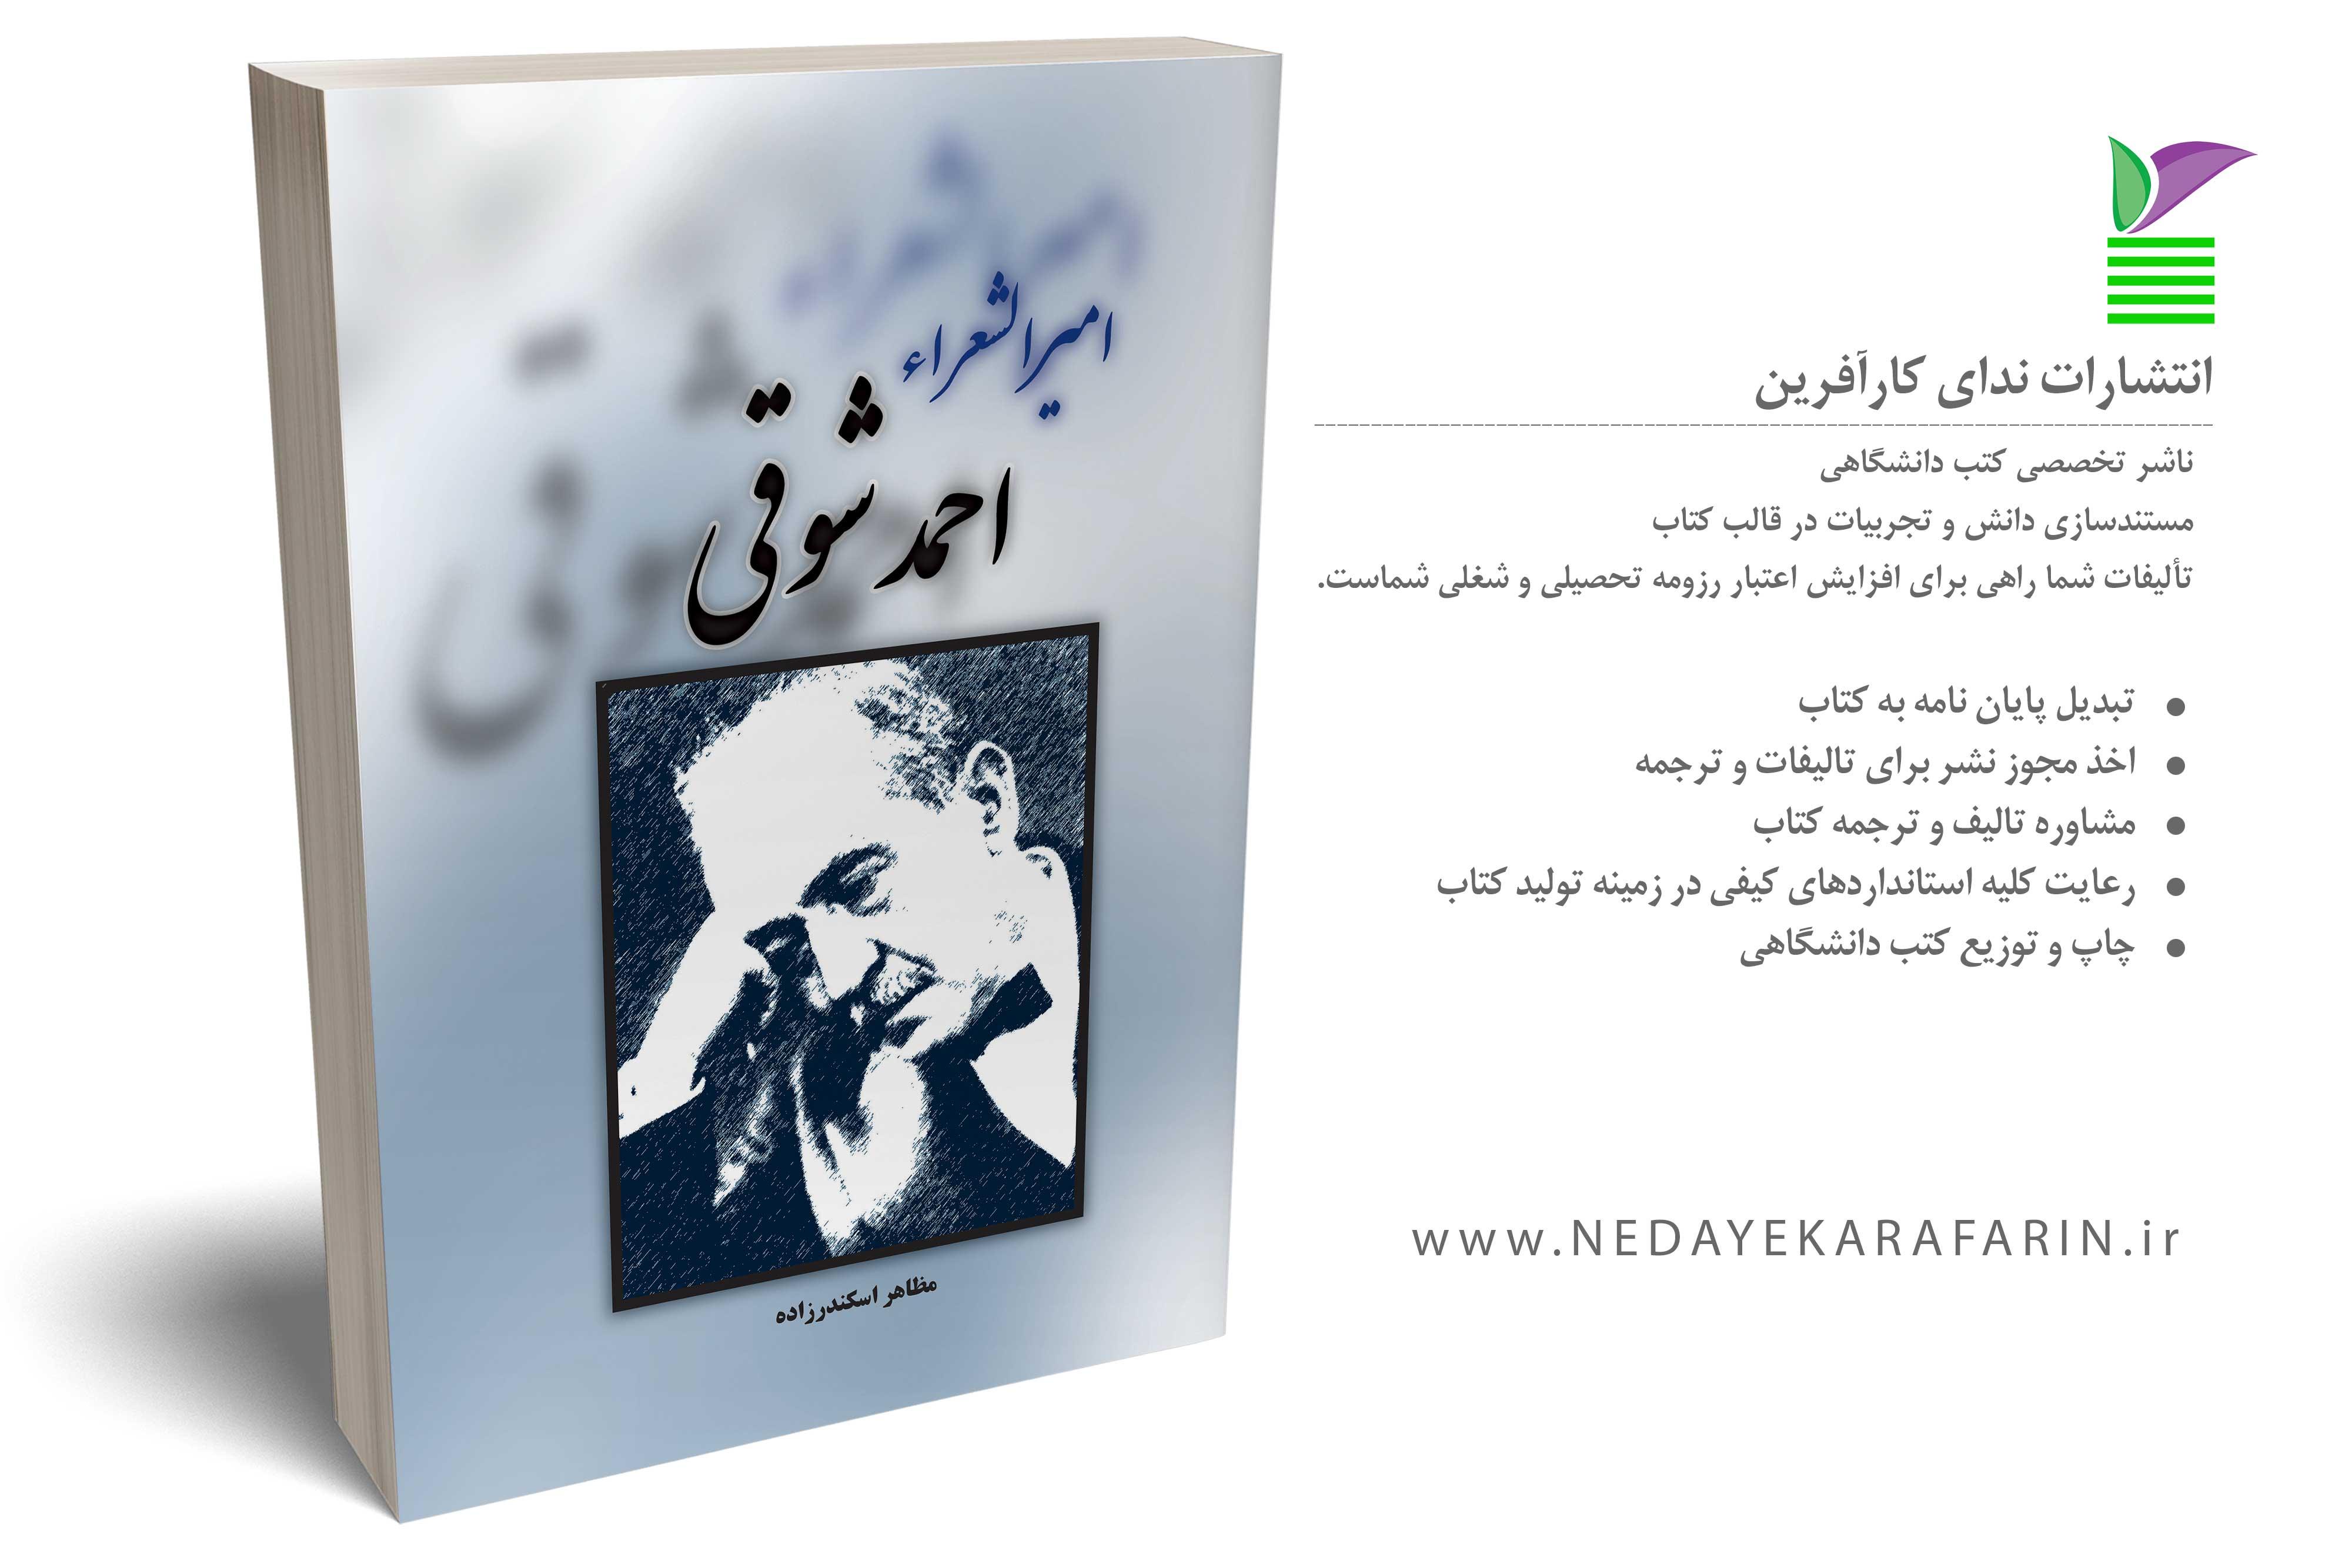 تبدیل پایان نامه به کتاب احمد شوقی